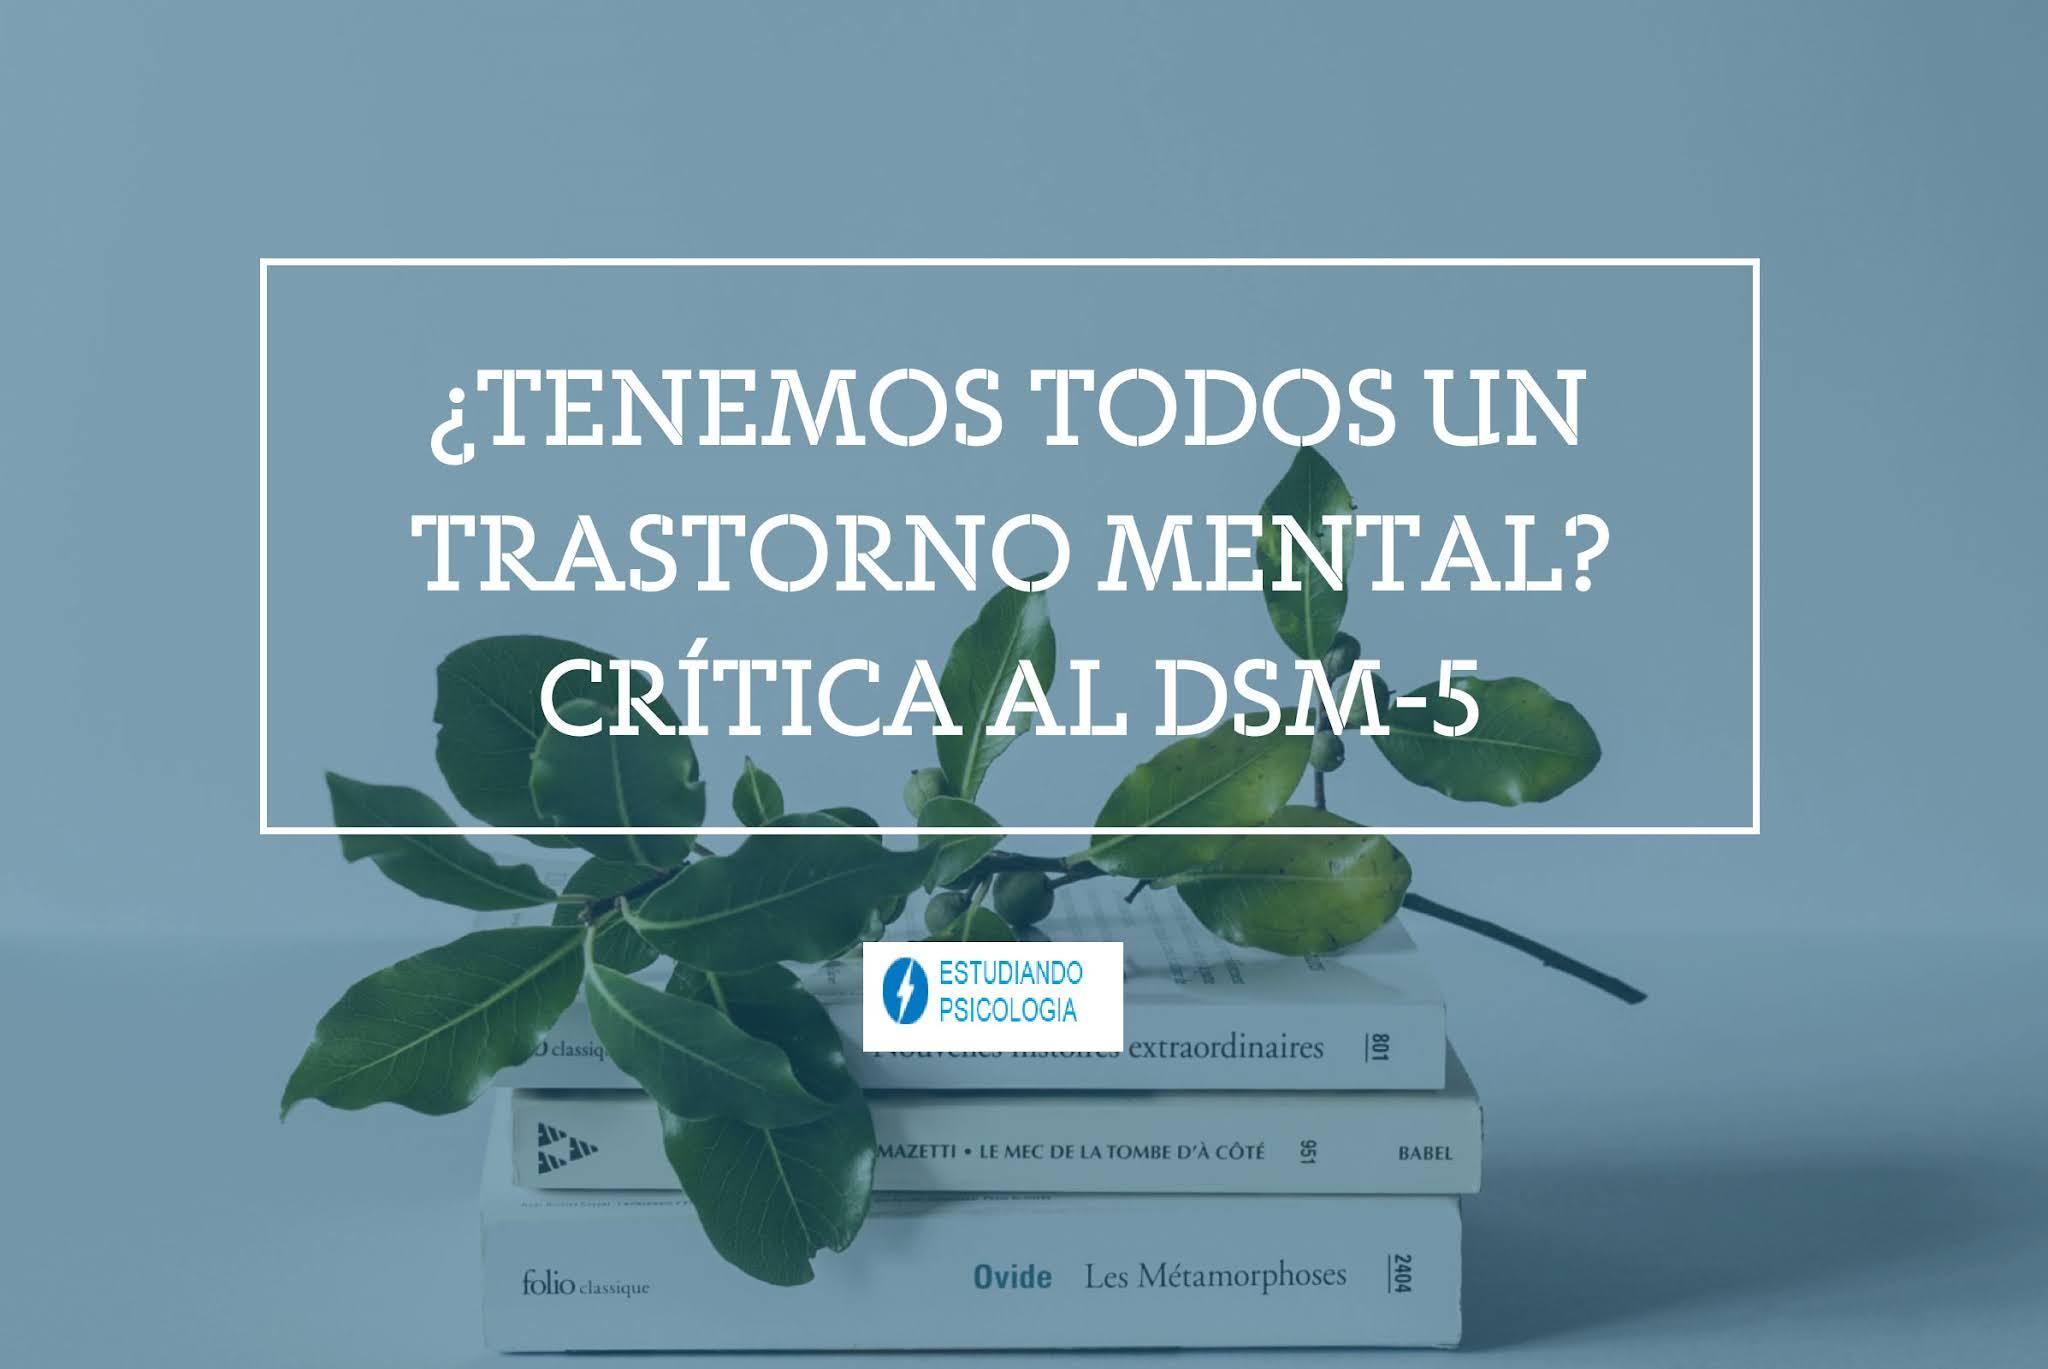 La normalidad como diferentes enfermedades (Una Critica al DSM 5)